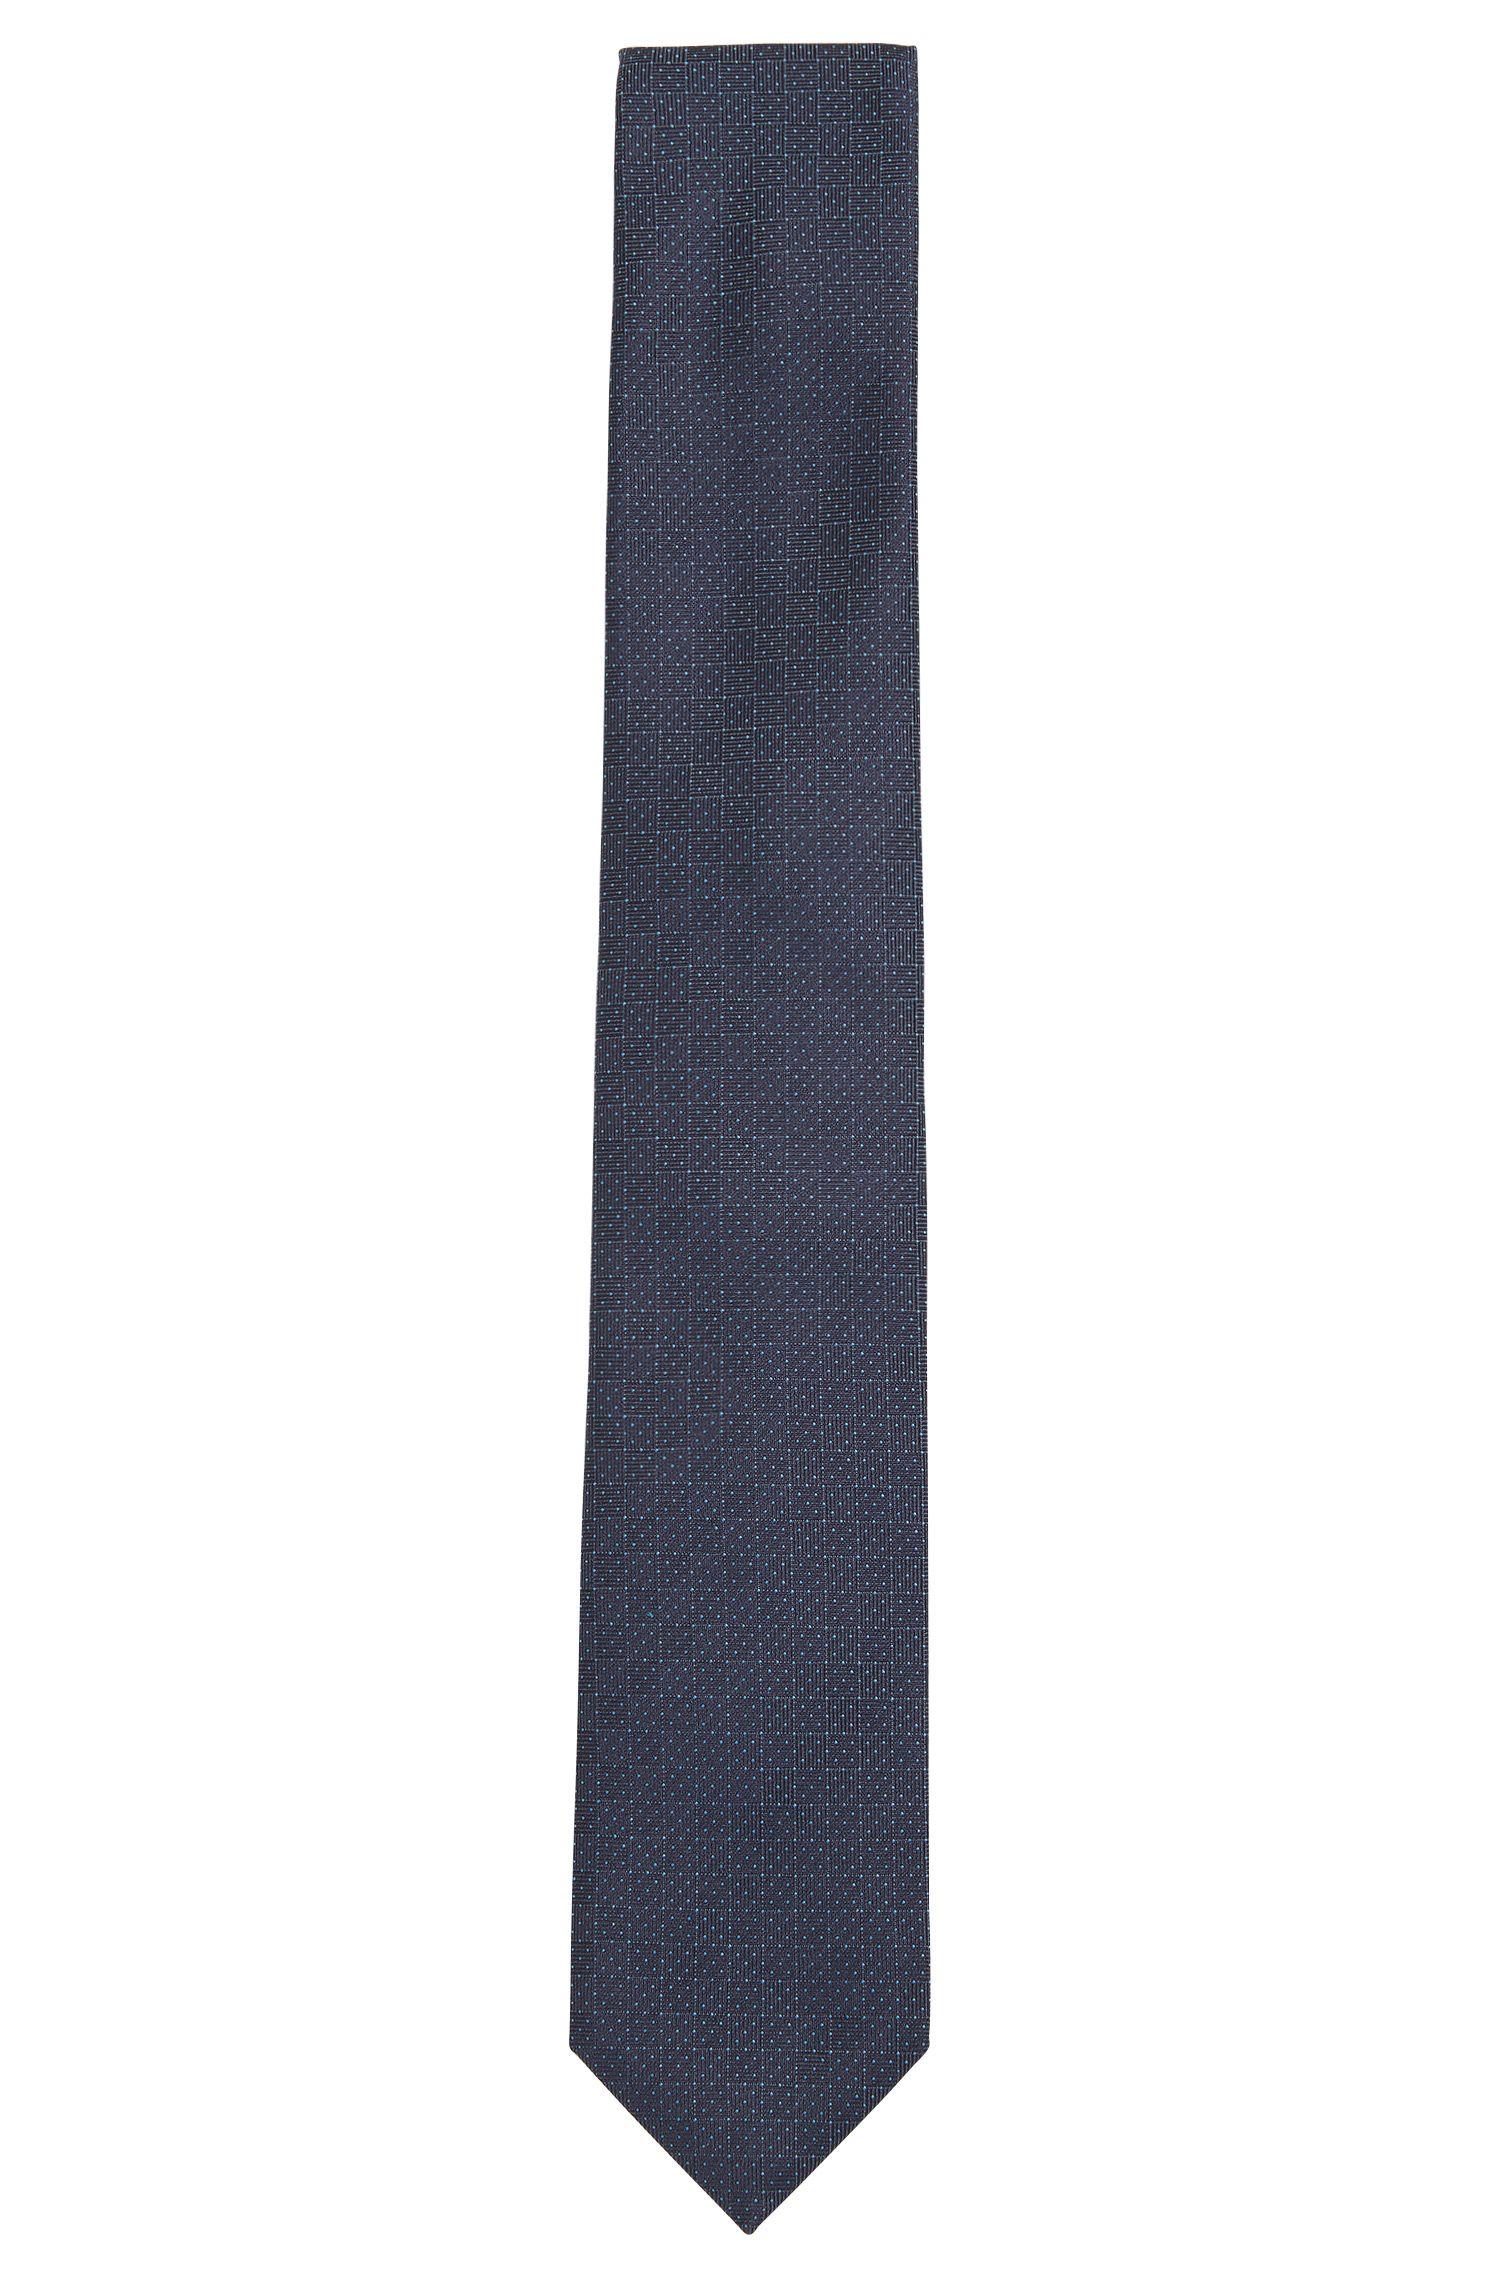 Cravate en jacquard de soie raffinée à motif à carreaux